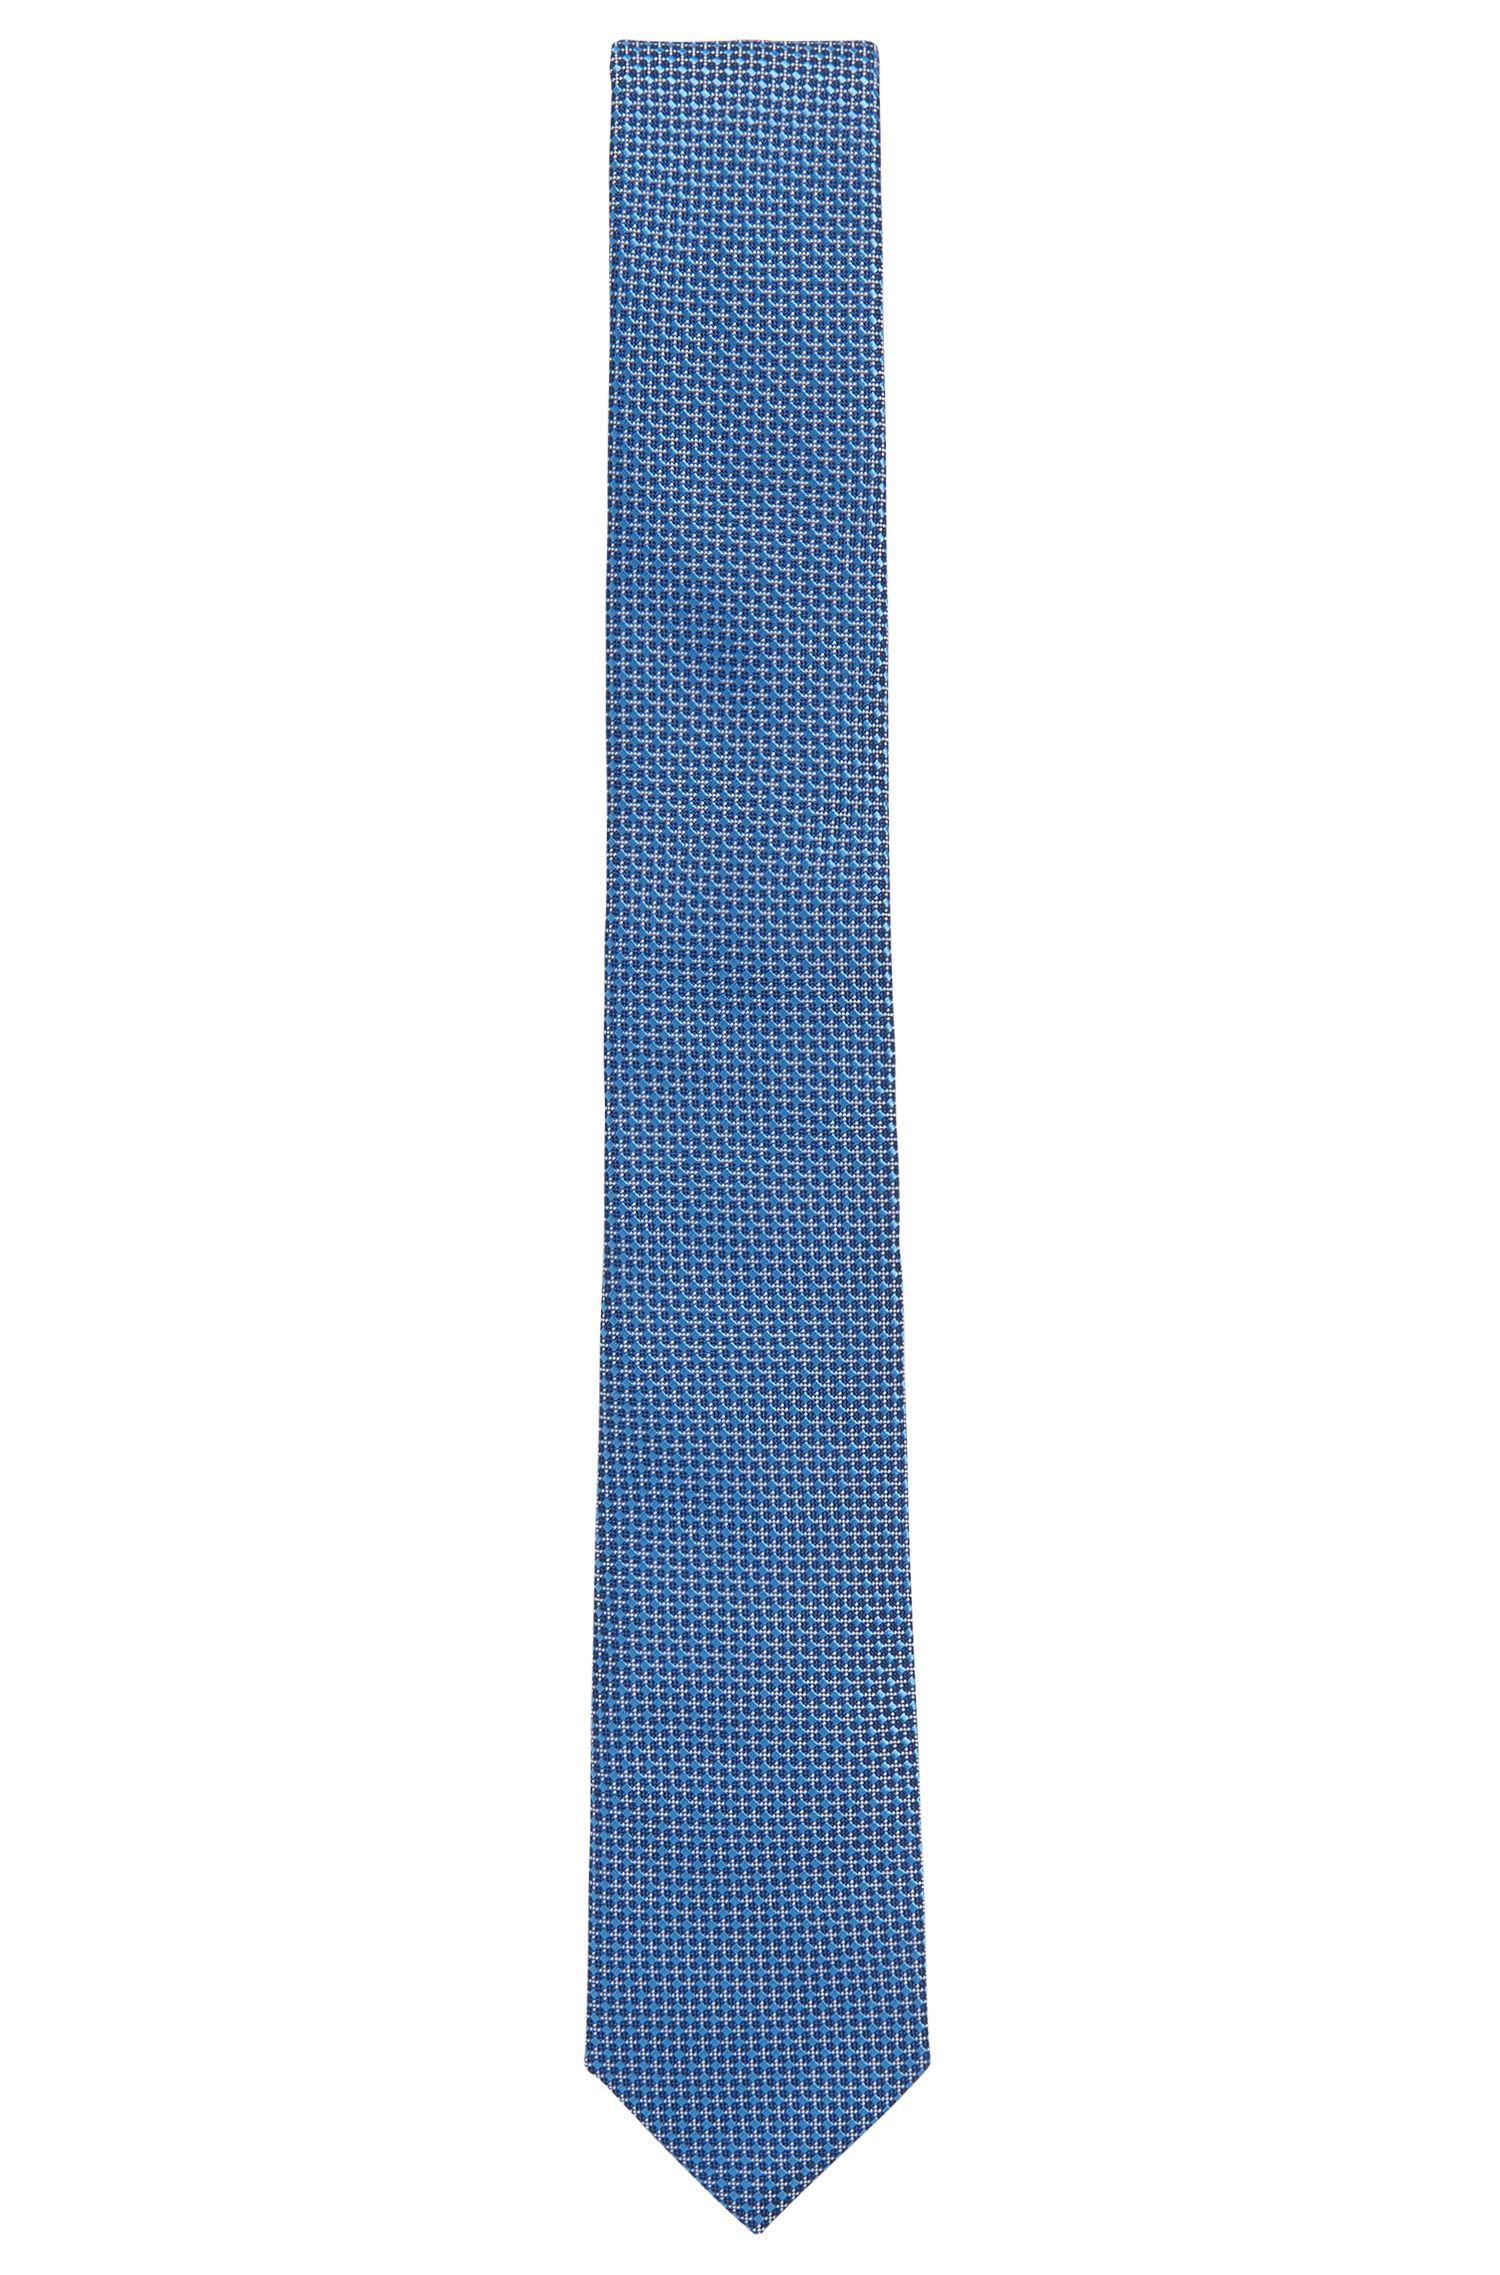 Corbata de jacquard hecha a mano en Italia en seda de fantasía